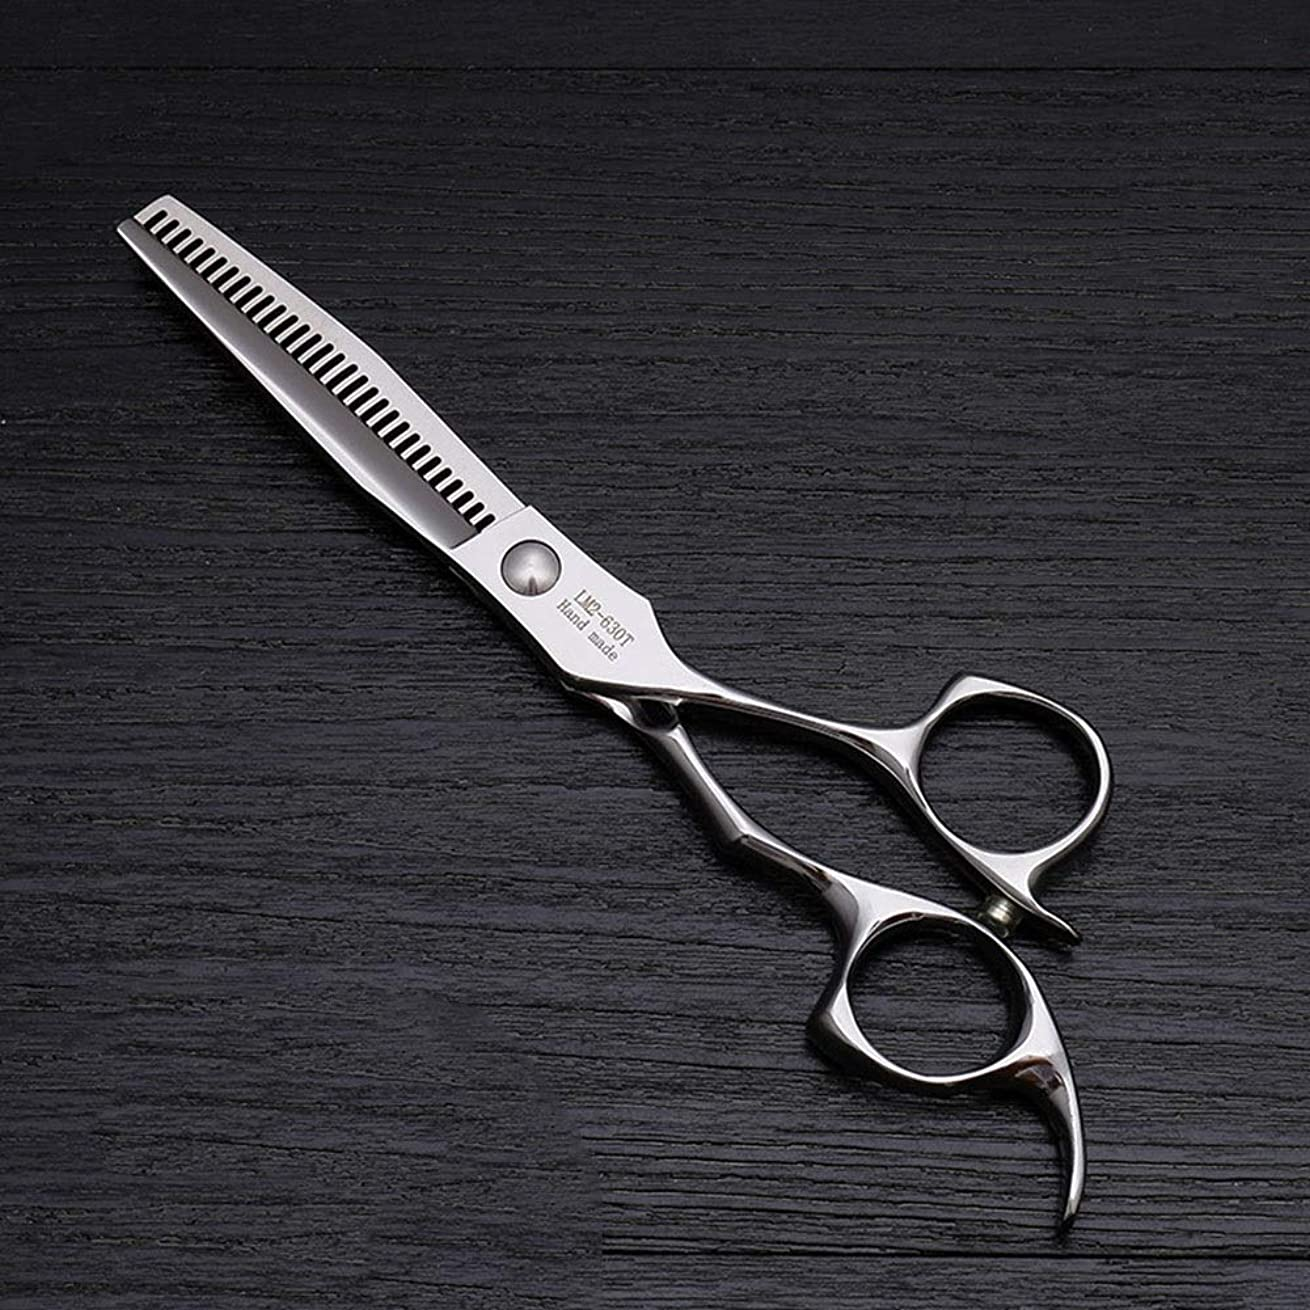 試用変数キャンセル6インチのステンレス鋼の理髪はさみ、美容院の毛の切断用具 モデリングツール (色 : Silver)